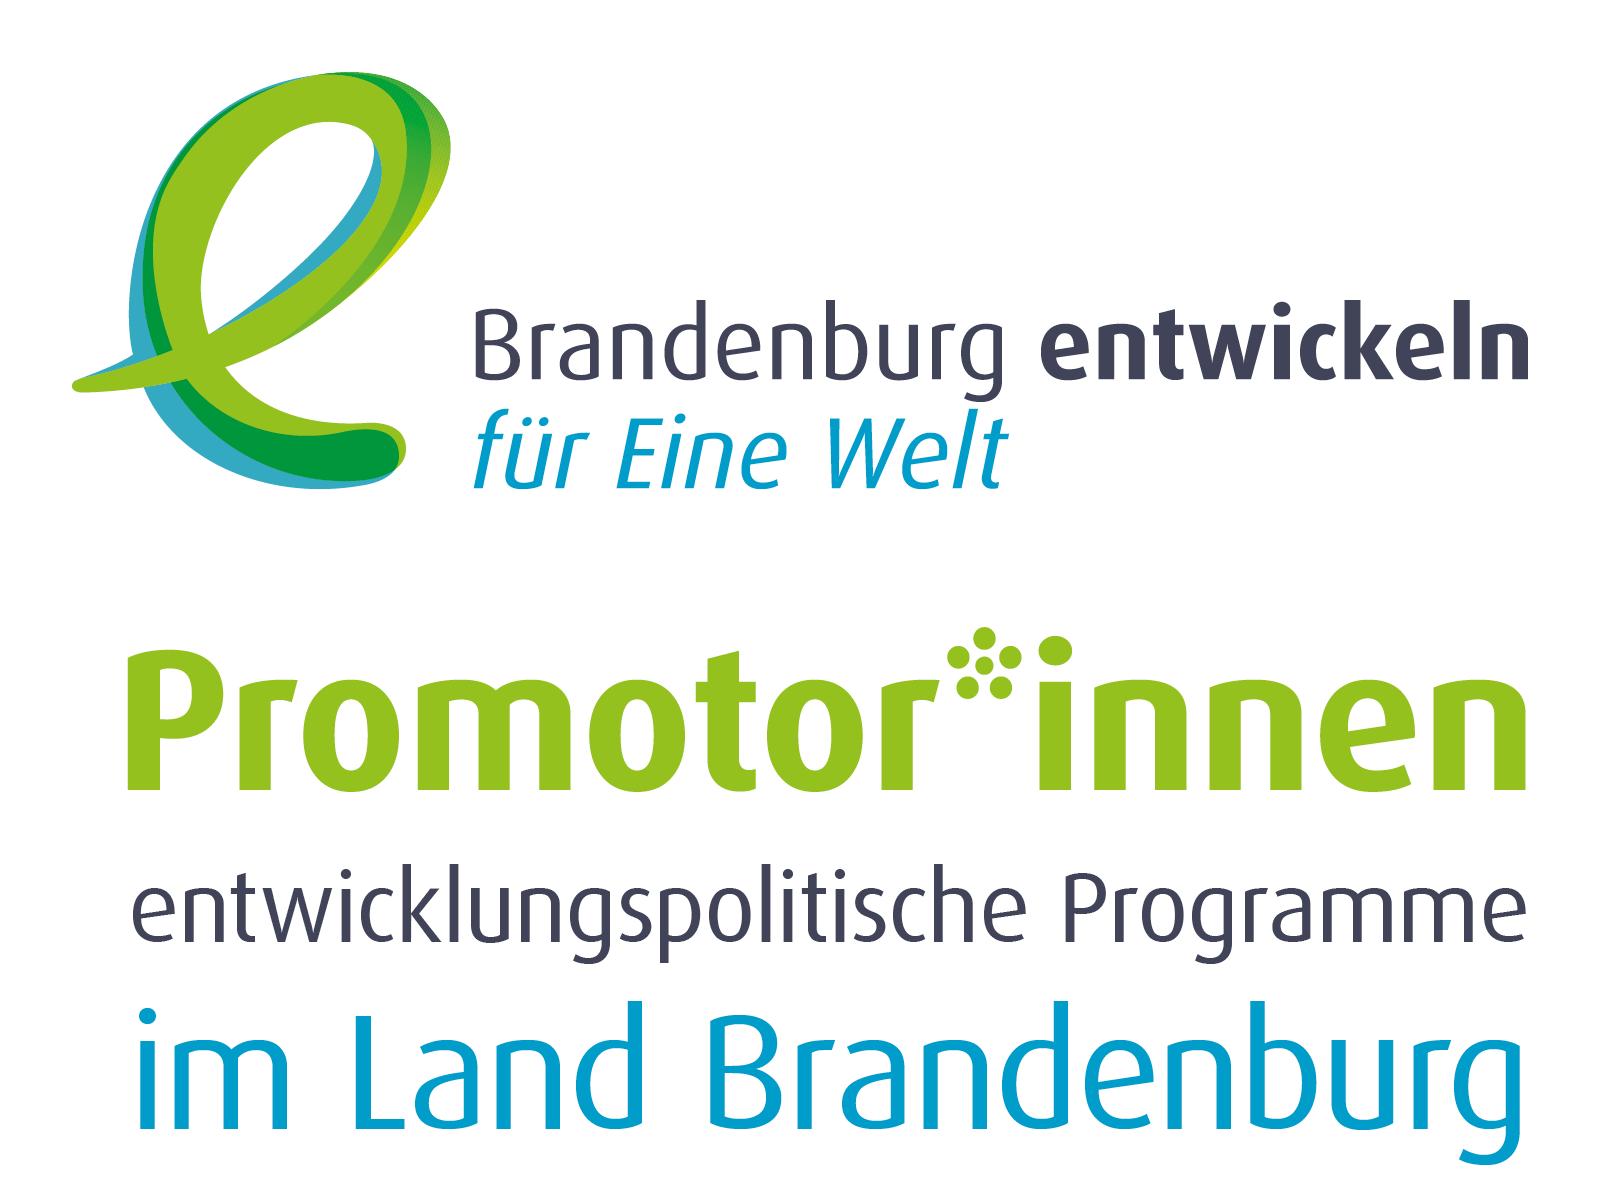 Promotor*innen entwicklungspolitische Programme im Land Brandenburg